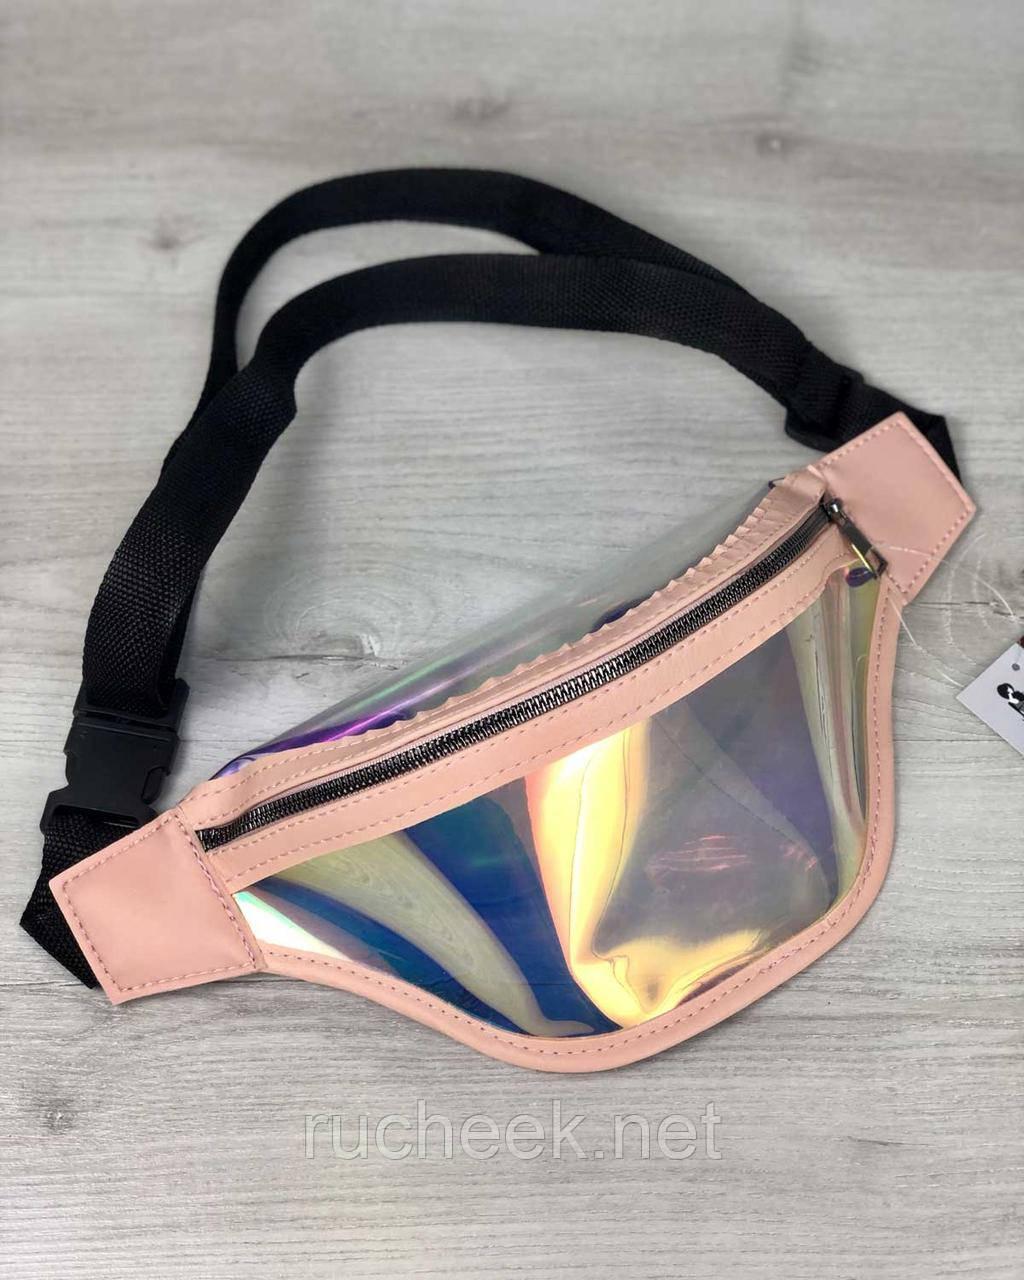 Стильная женская сумочка Бананка перламутровый силикон с пудра (полупрозрачная)